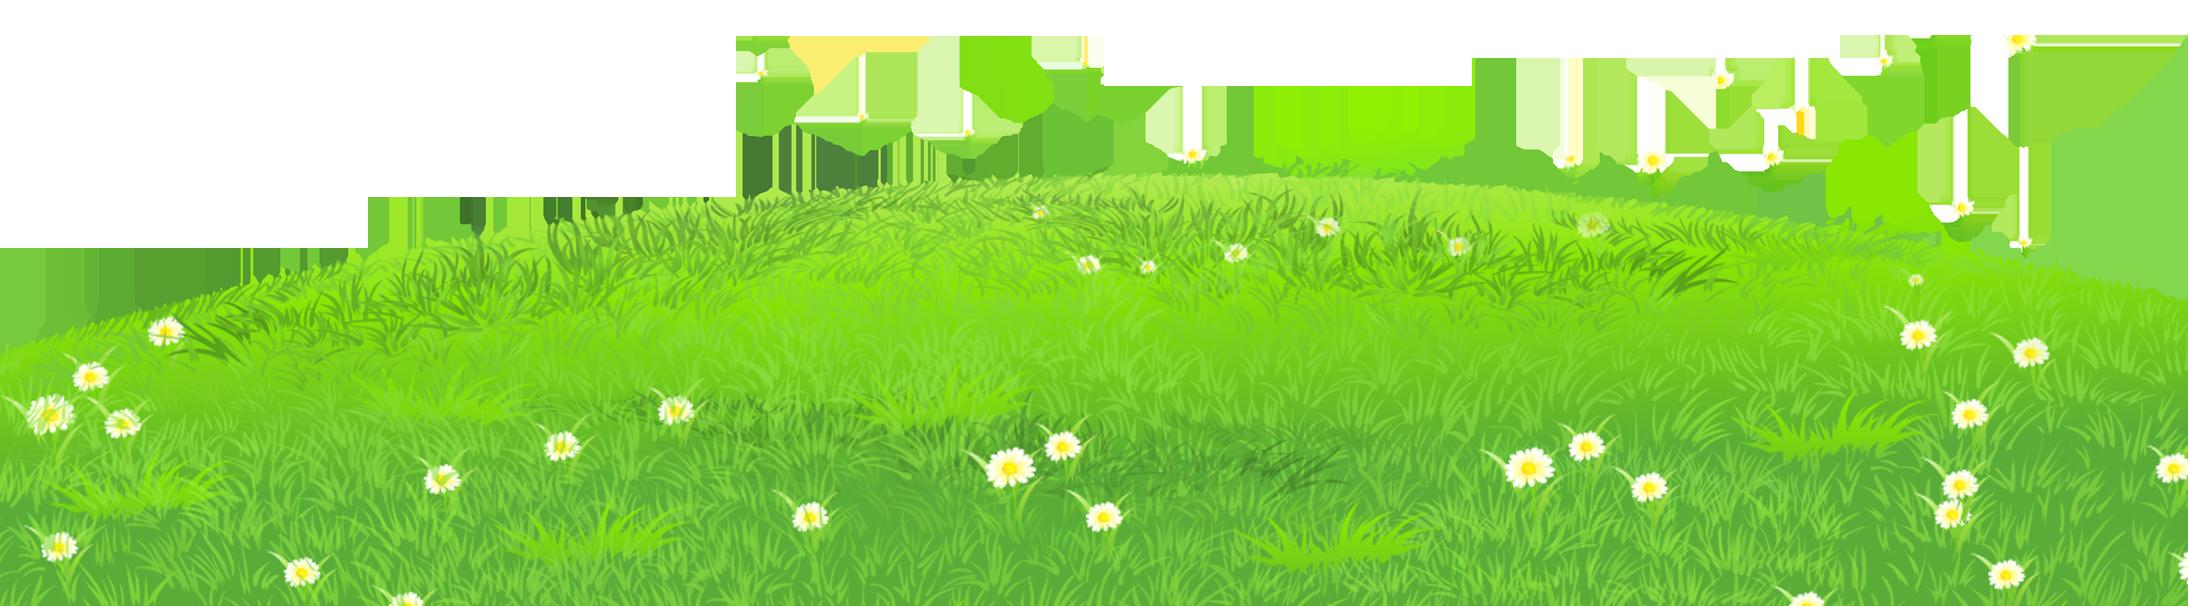 Grass clipart 2 2